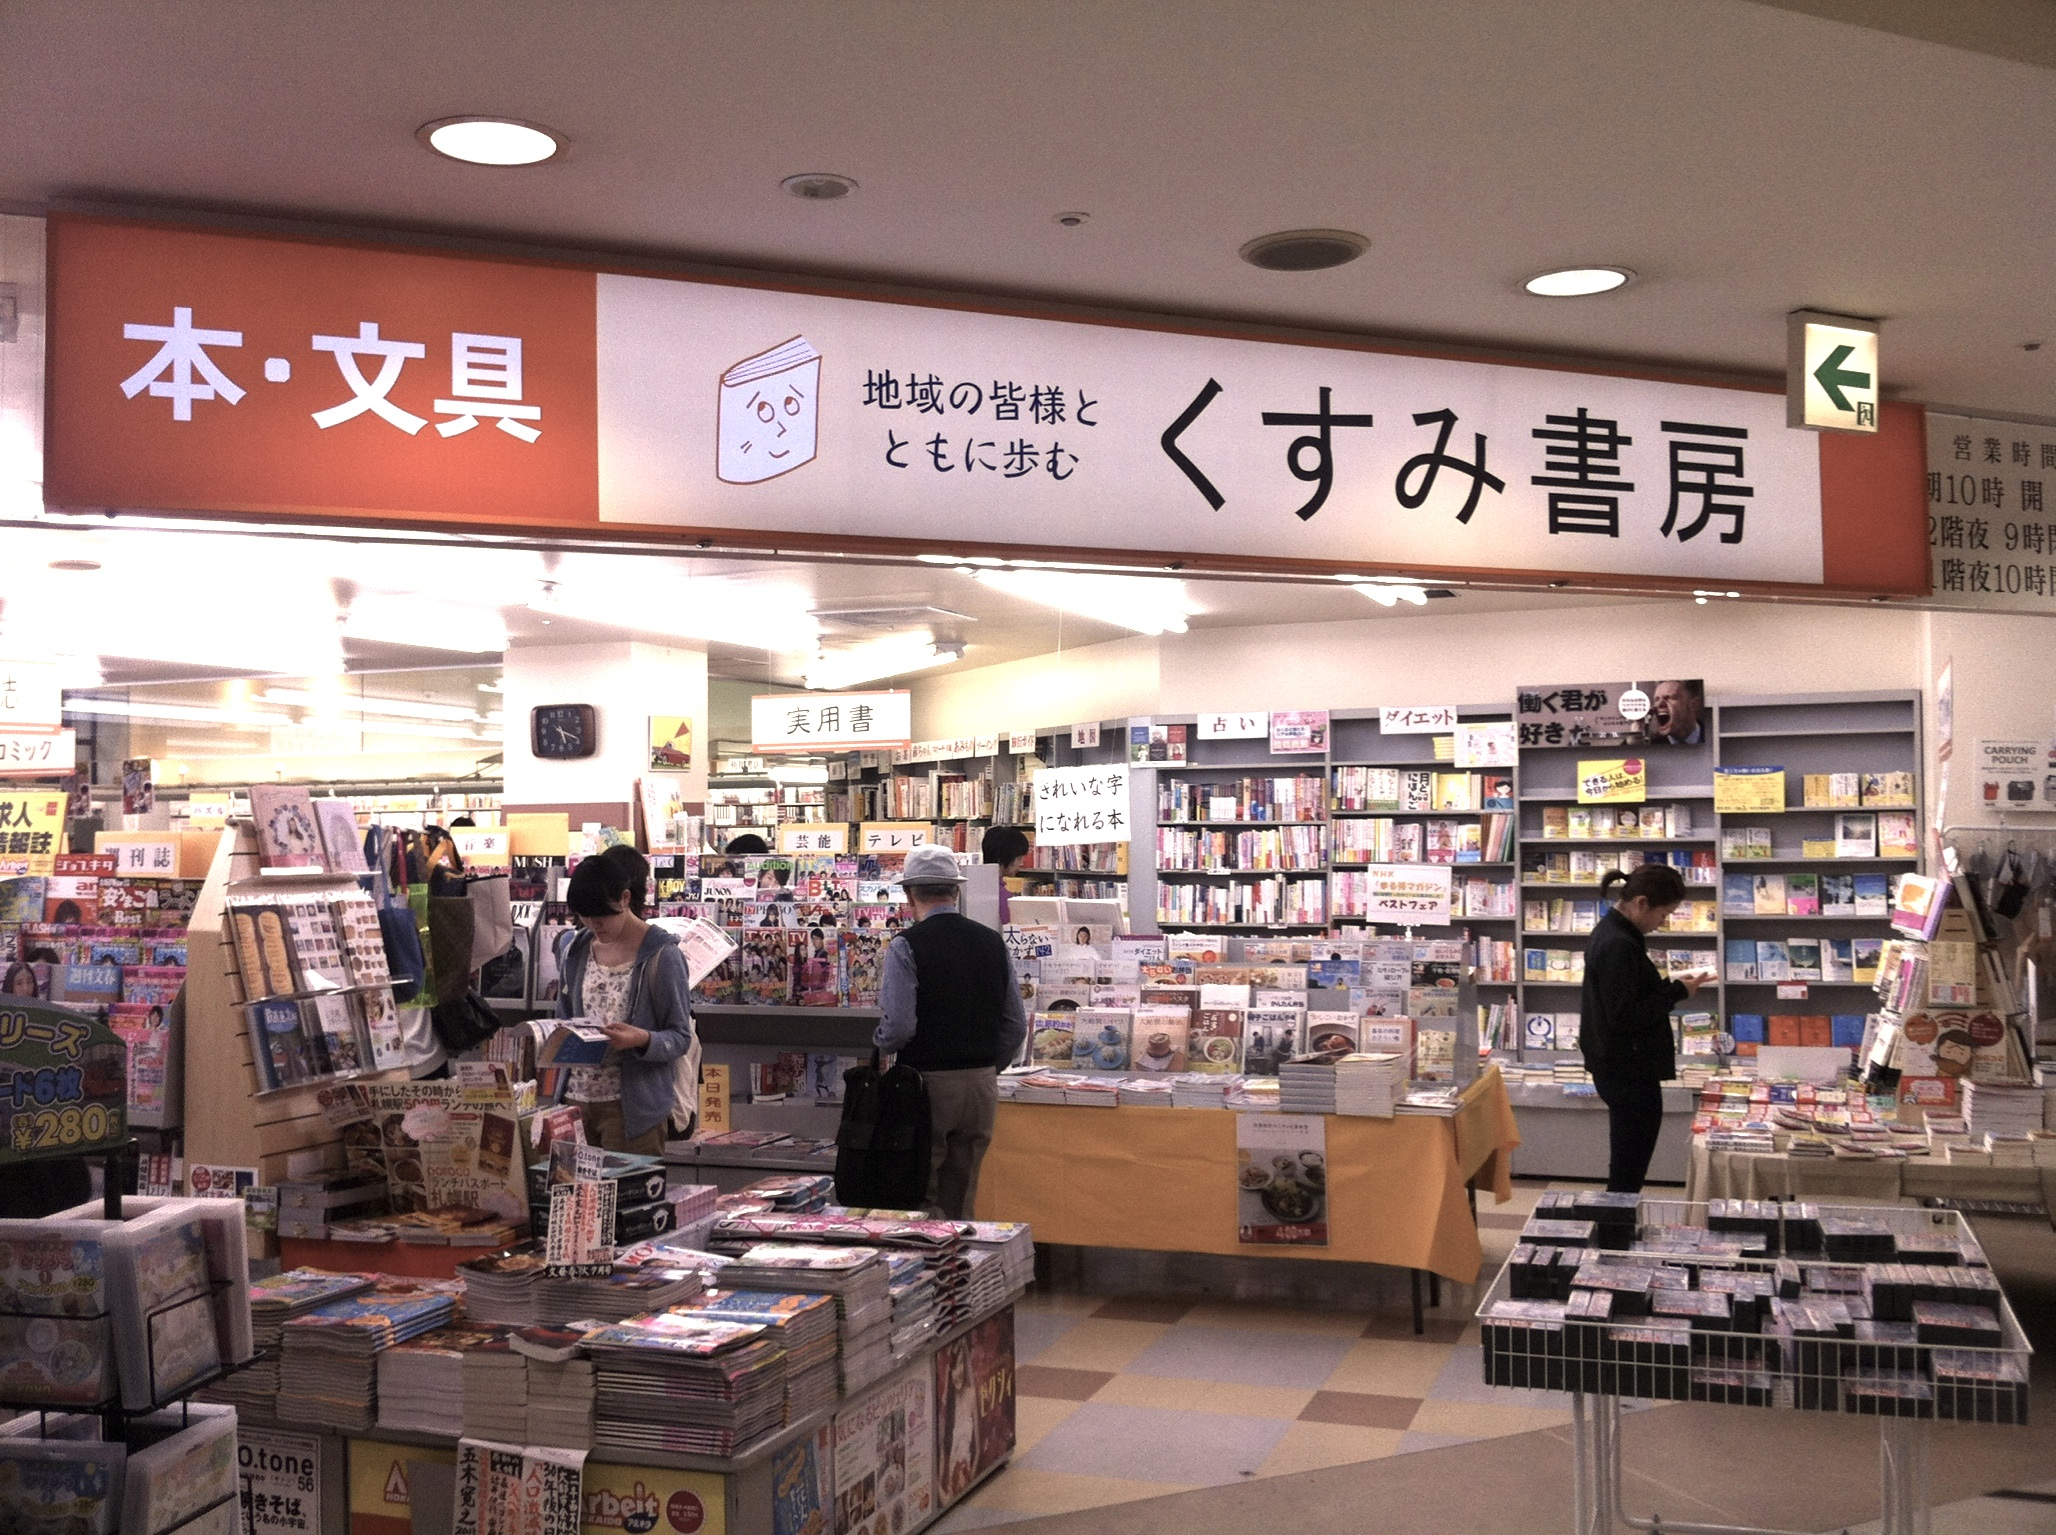 本屋がネット通販やコンビニの増加で売上を落として多くの本屋が閉鎖に追い込まれている。黙って閉鎖になる人、動いて閉鎖しない人!